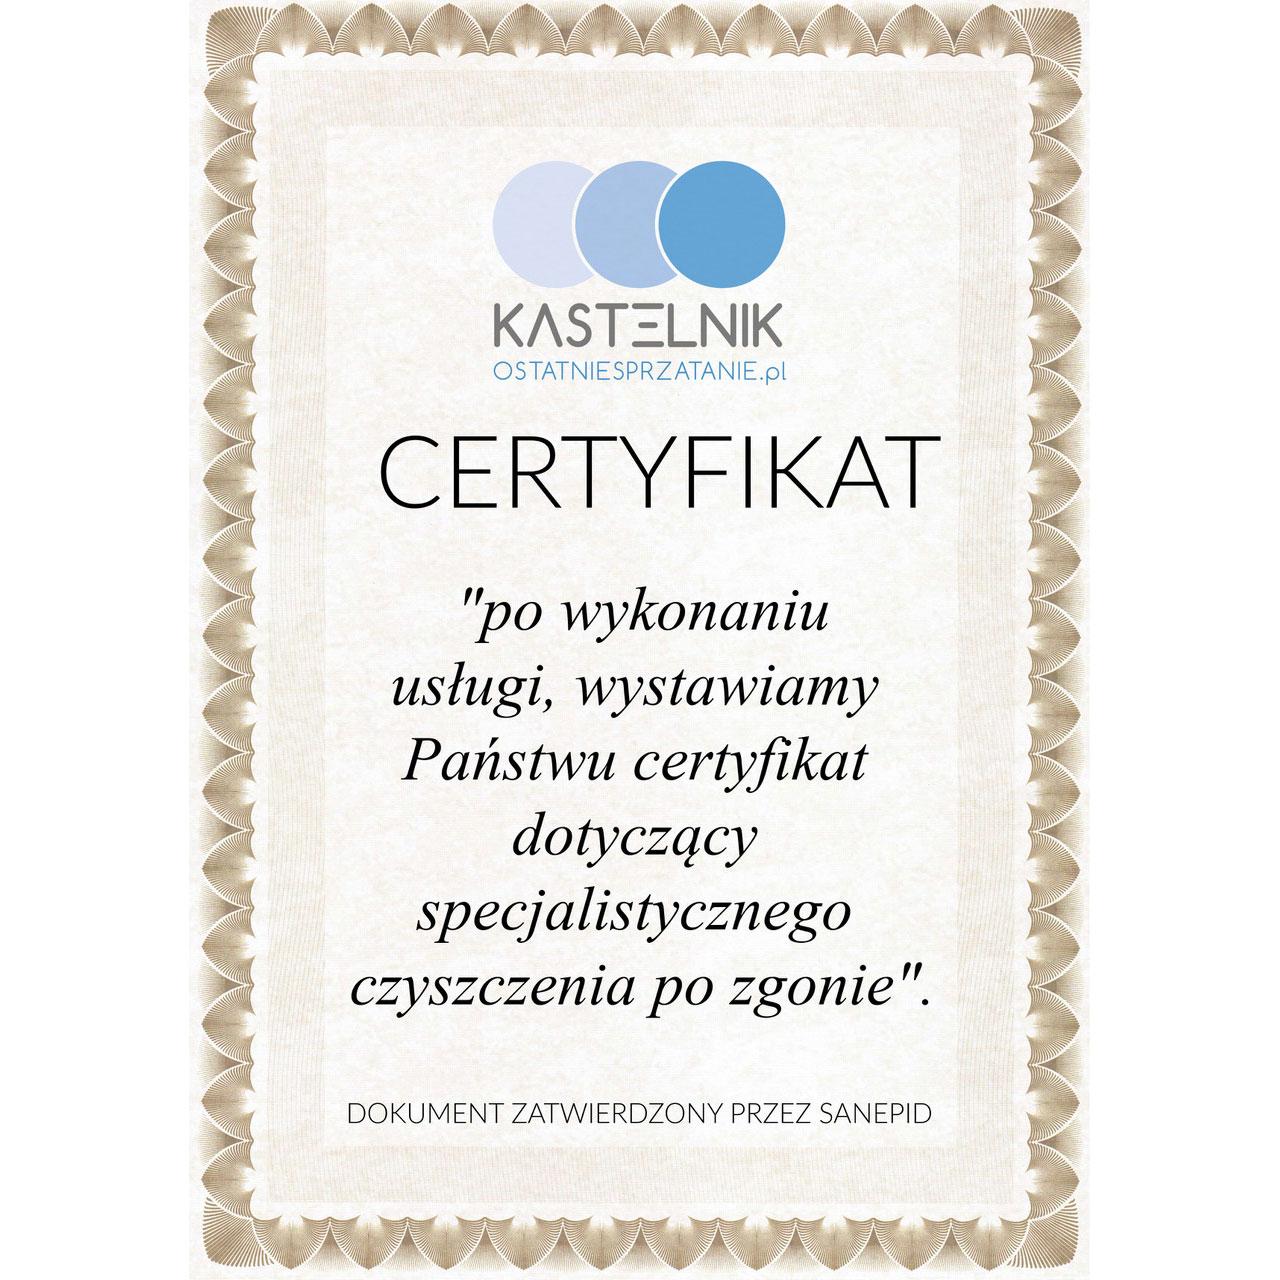 certyfikat firmy sprzątającej po zmarłych Kastelnik Ostatnie Sprzątanie